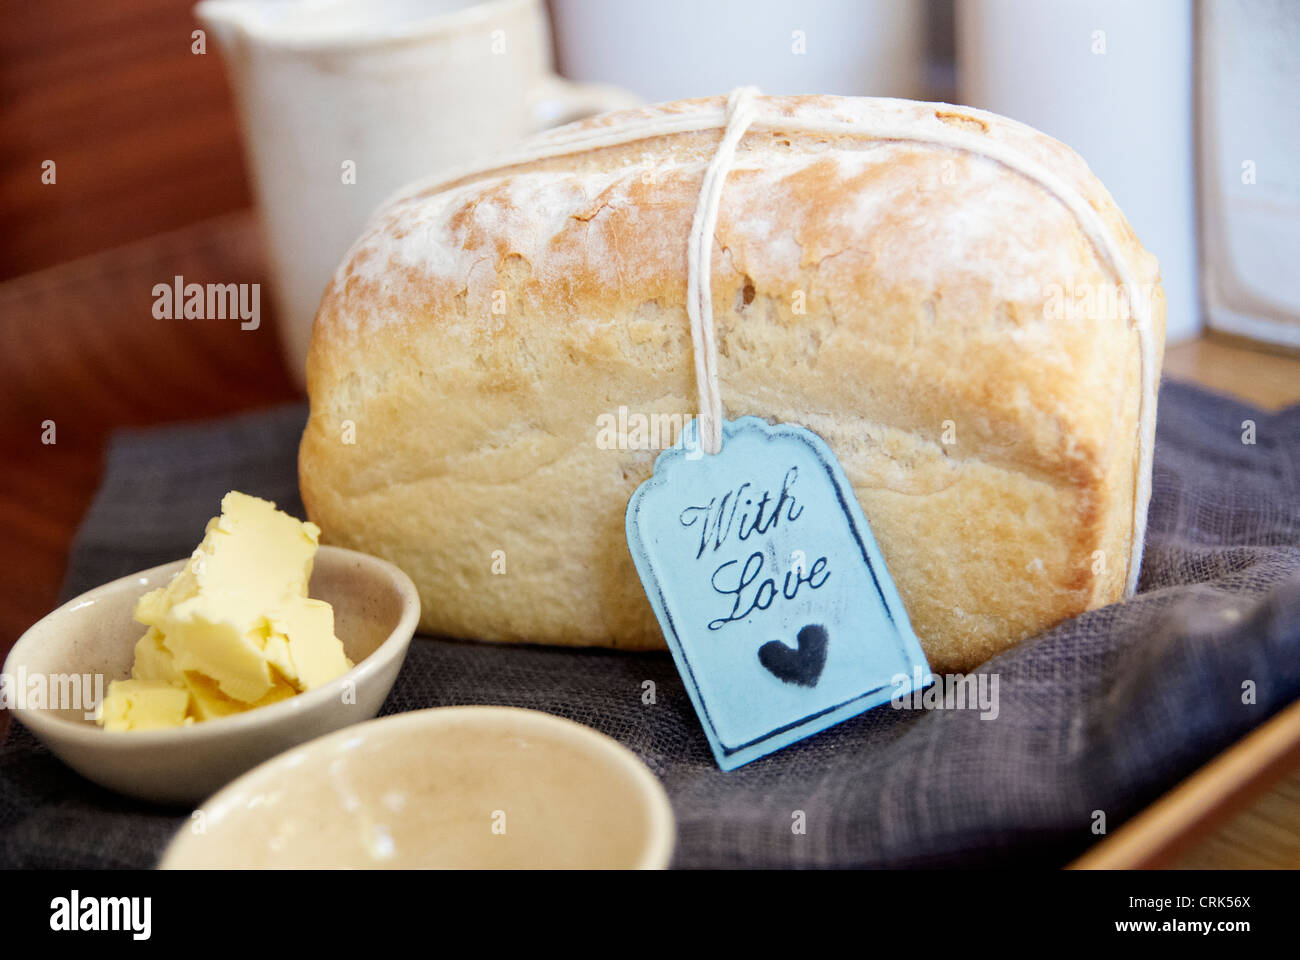 Bolo de pão com manteiga sobre o pano Imagens de Stock